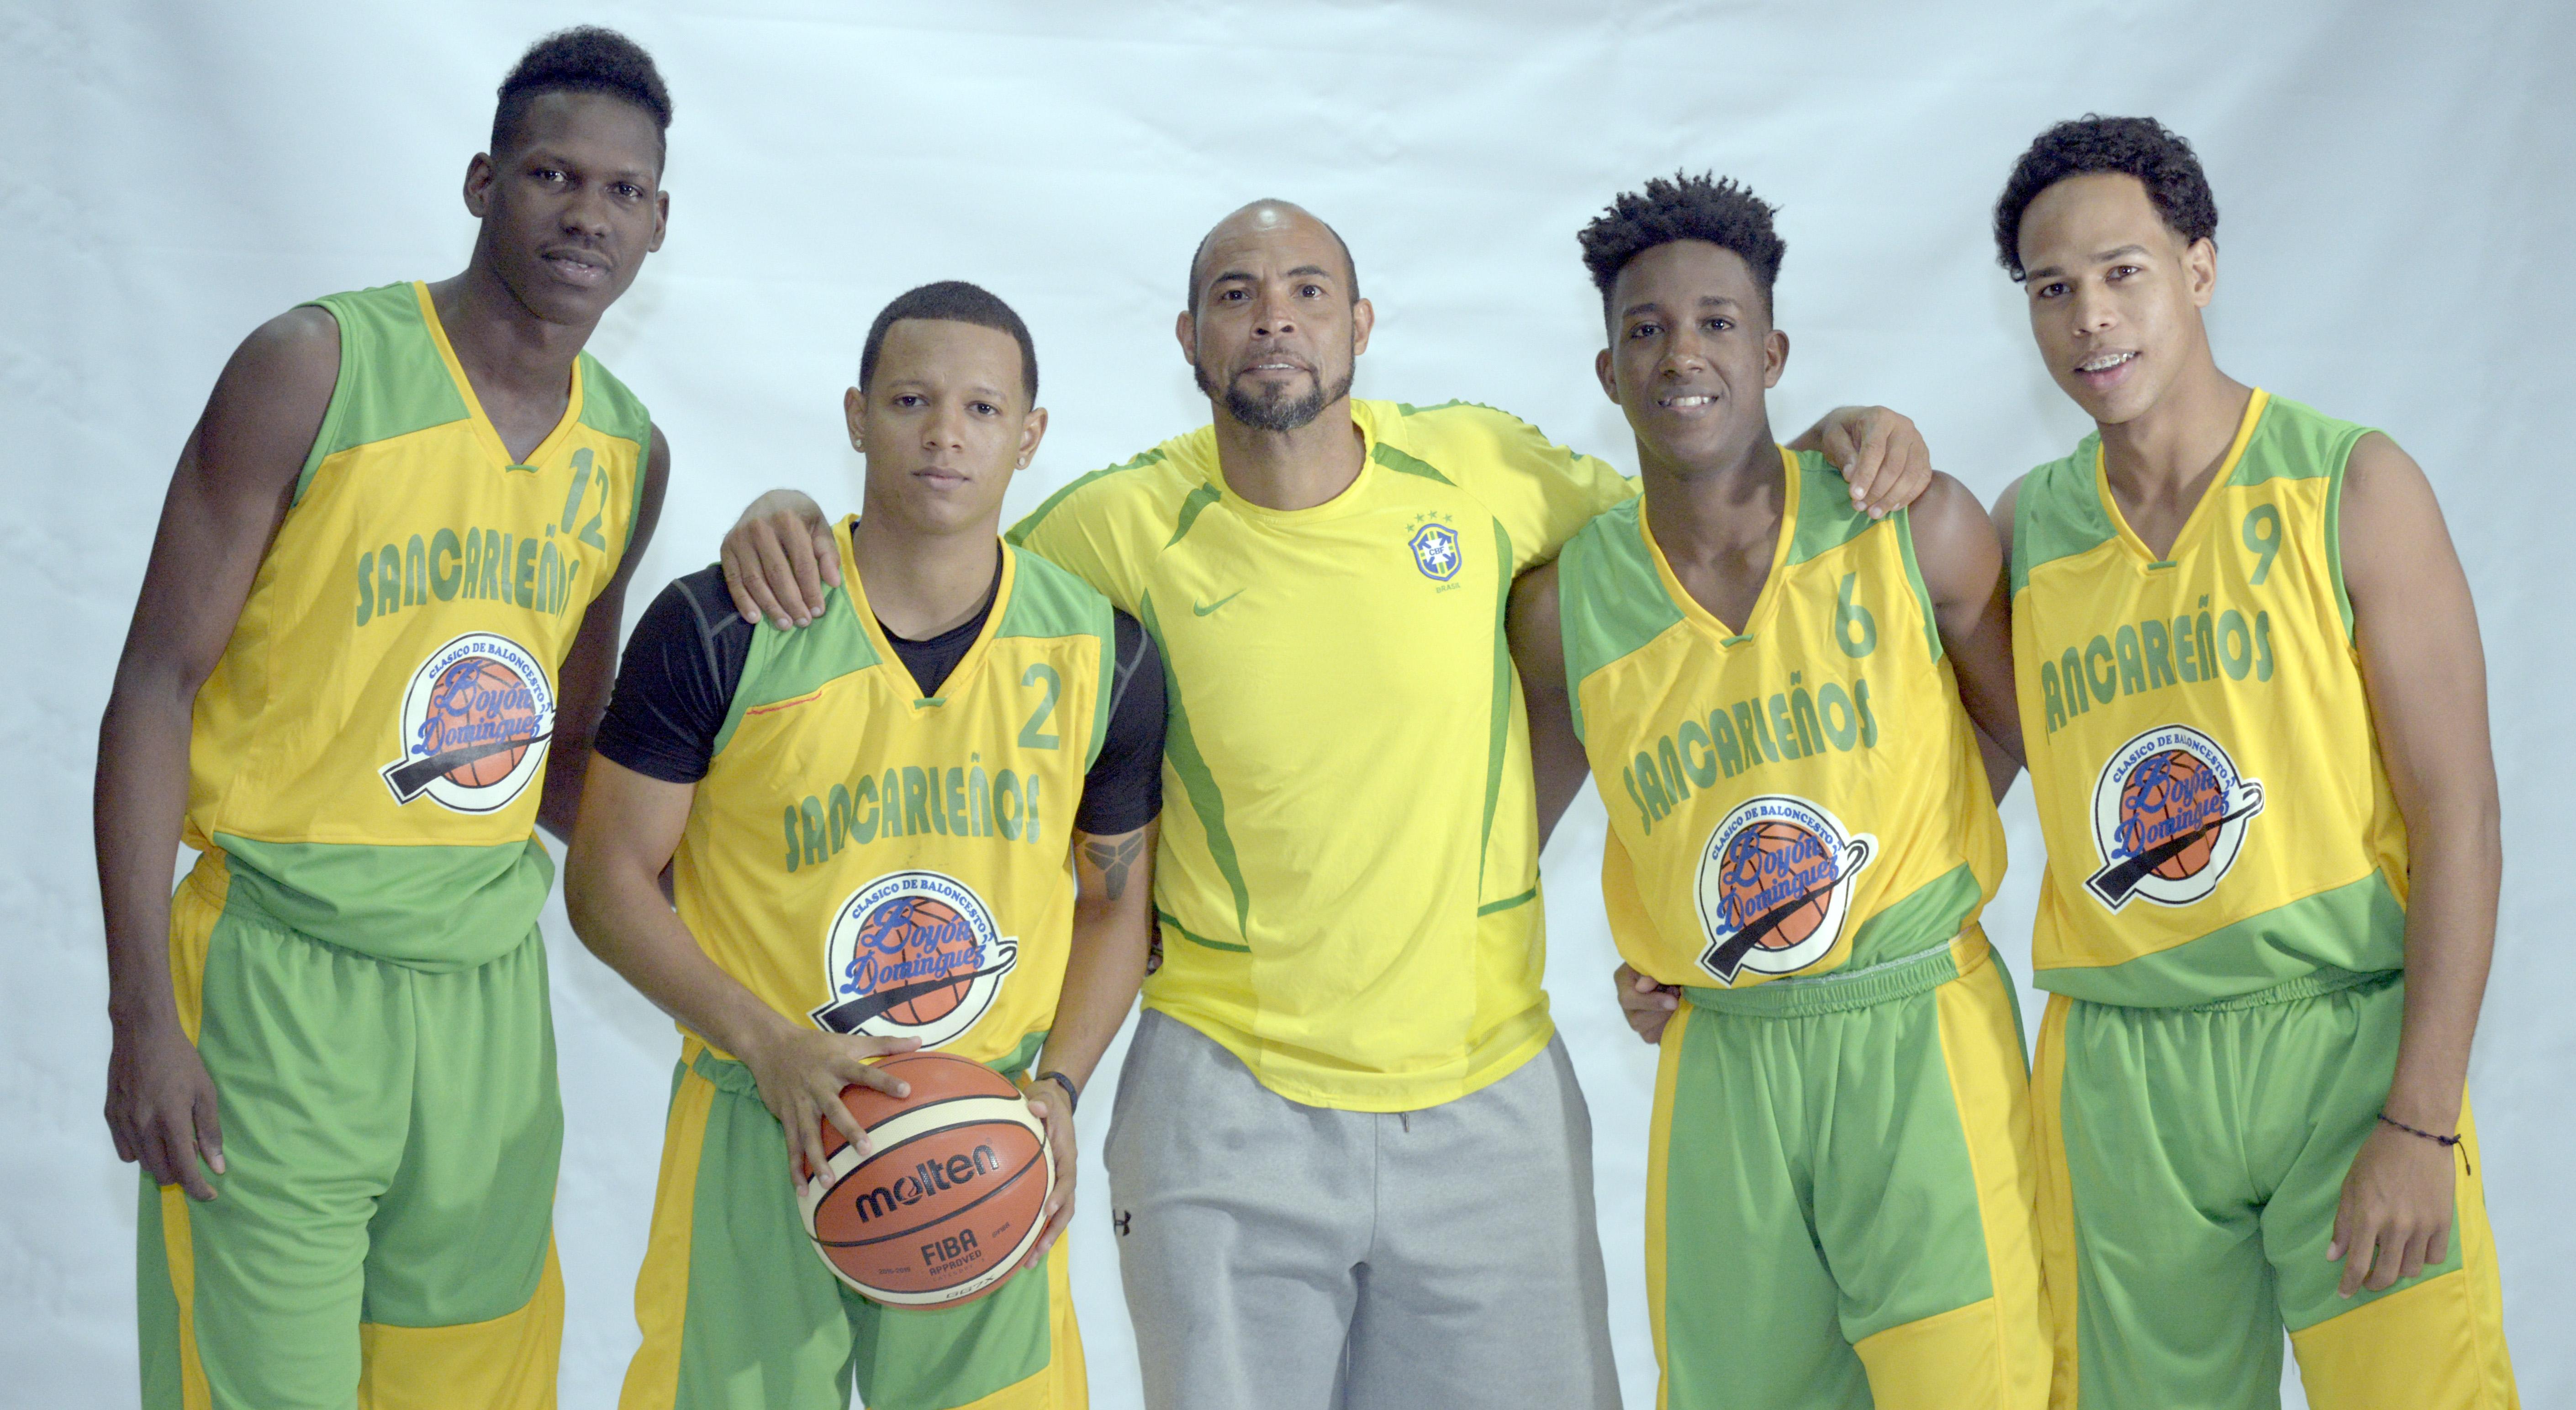 Mauricio Báez y H-5 iniciarán Clásico Boyón Domínguez de basket U-25